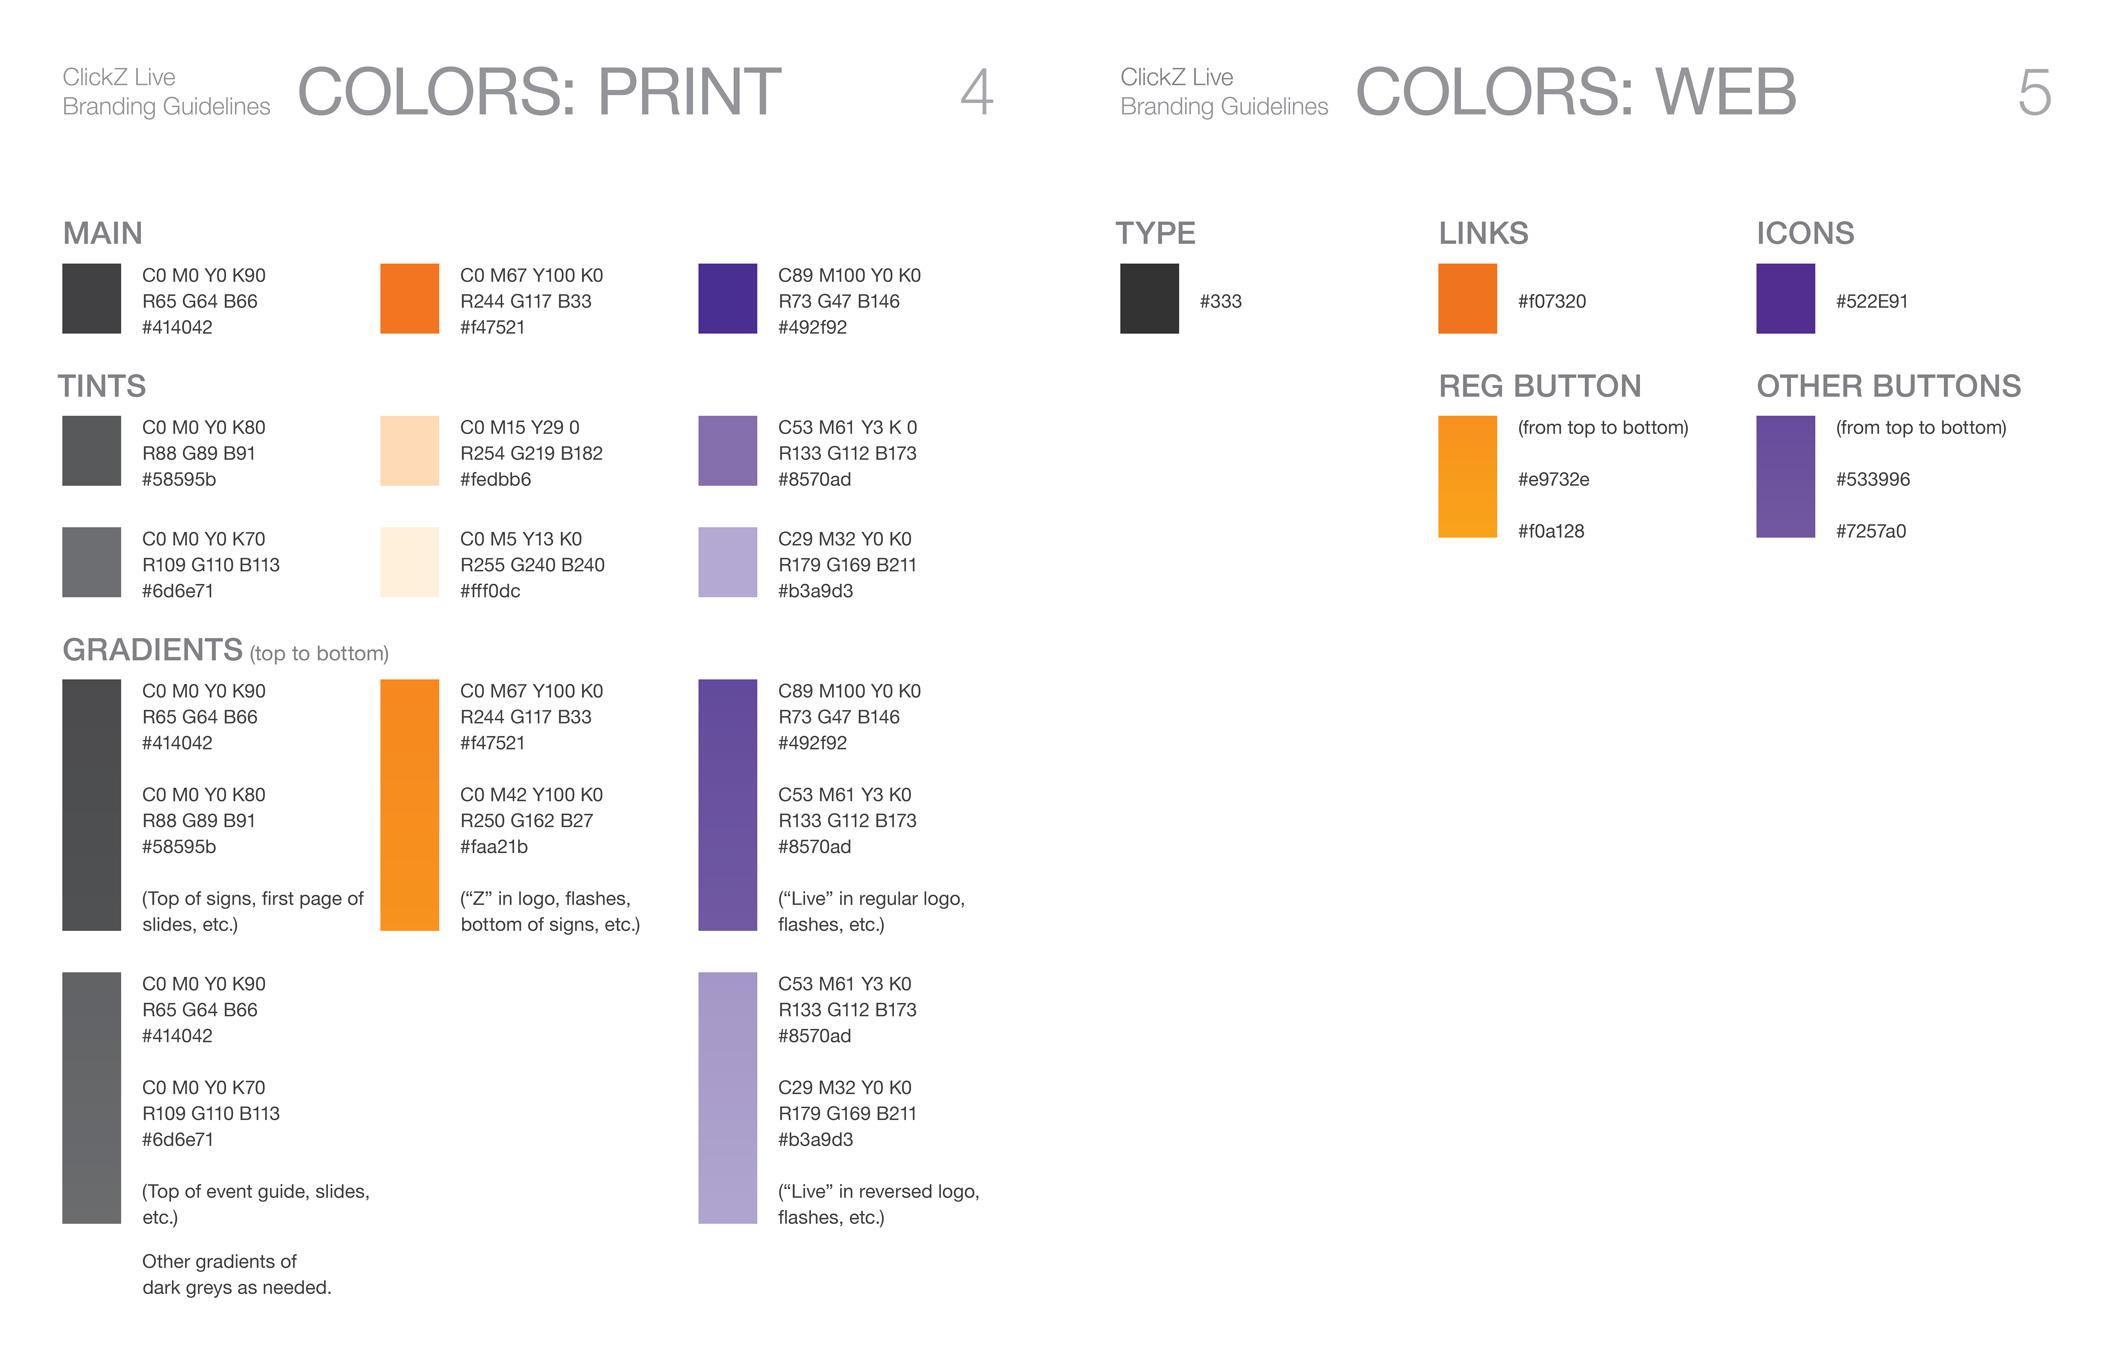 Colors for ClickZ brand.